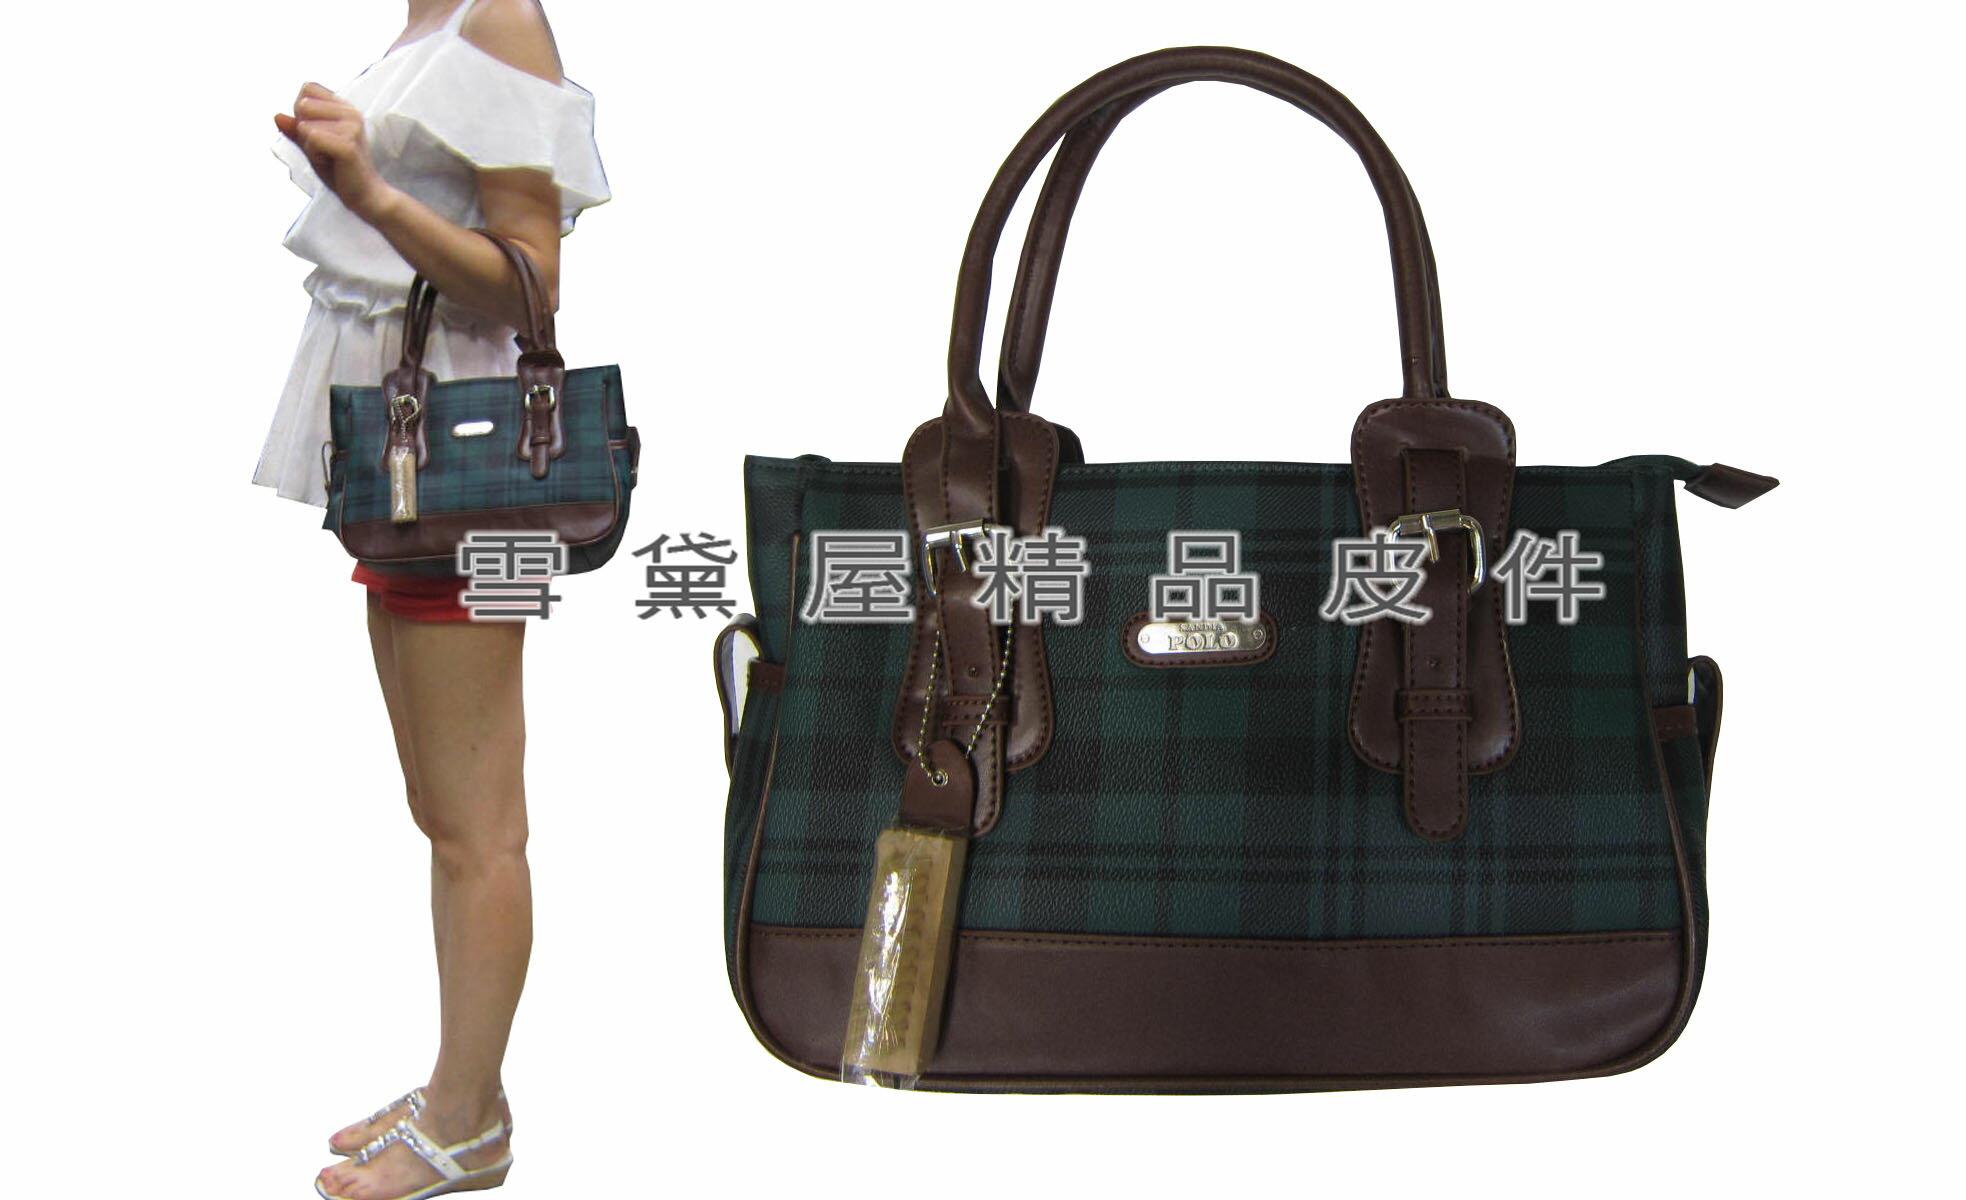 ~雪黛屋~POLO sandia 手提包小容量專櫃花紋手提包淑女包進口防水防刮皮革+棉質內裡布G760-9551S